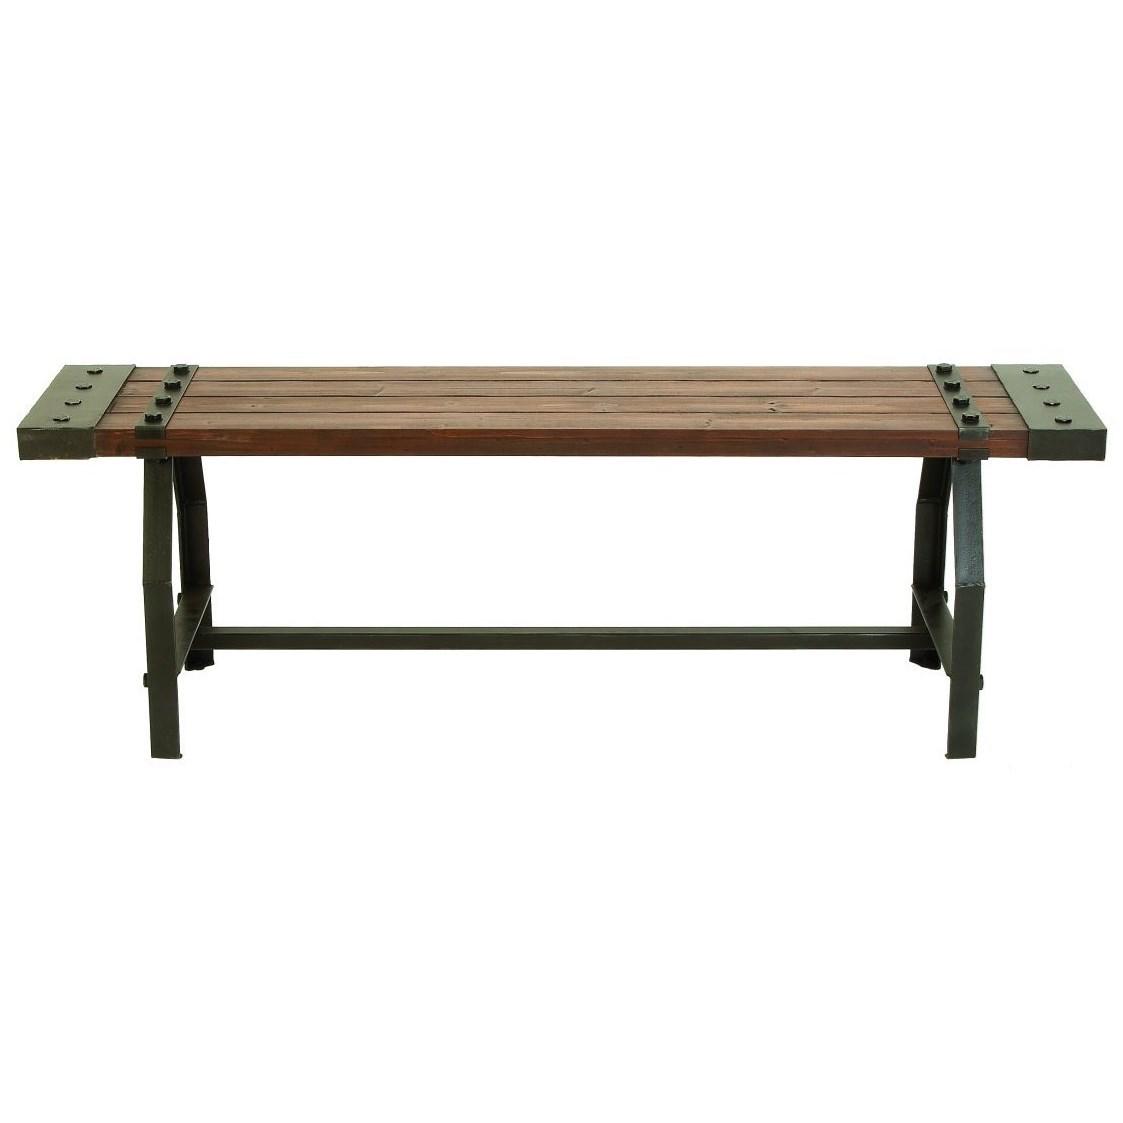 Excellent Wood Metal Bench Accent Furniture By Uma Enterprises Inc Inzonedesignstudio Interior Chair Design Inzonedesignstudiocom